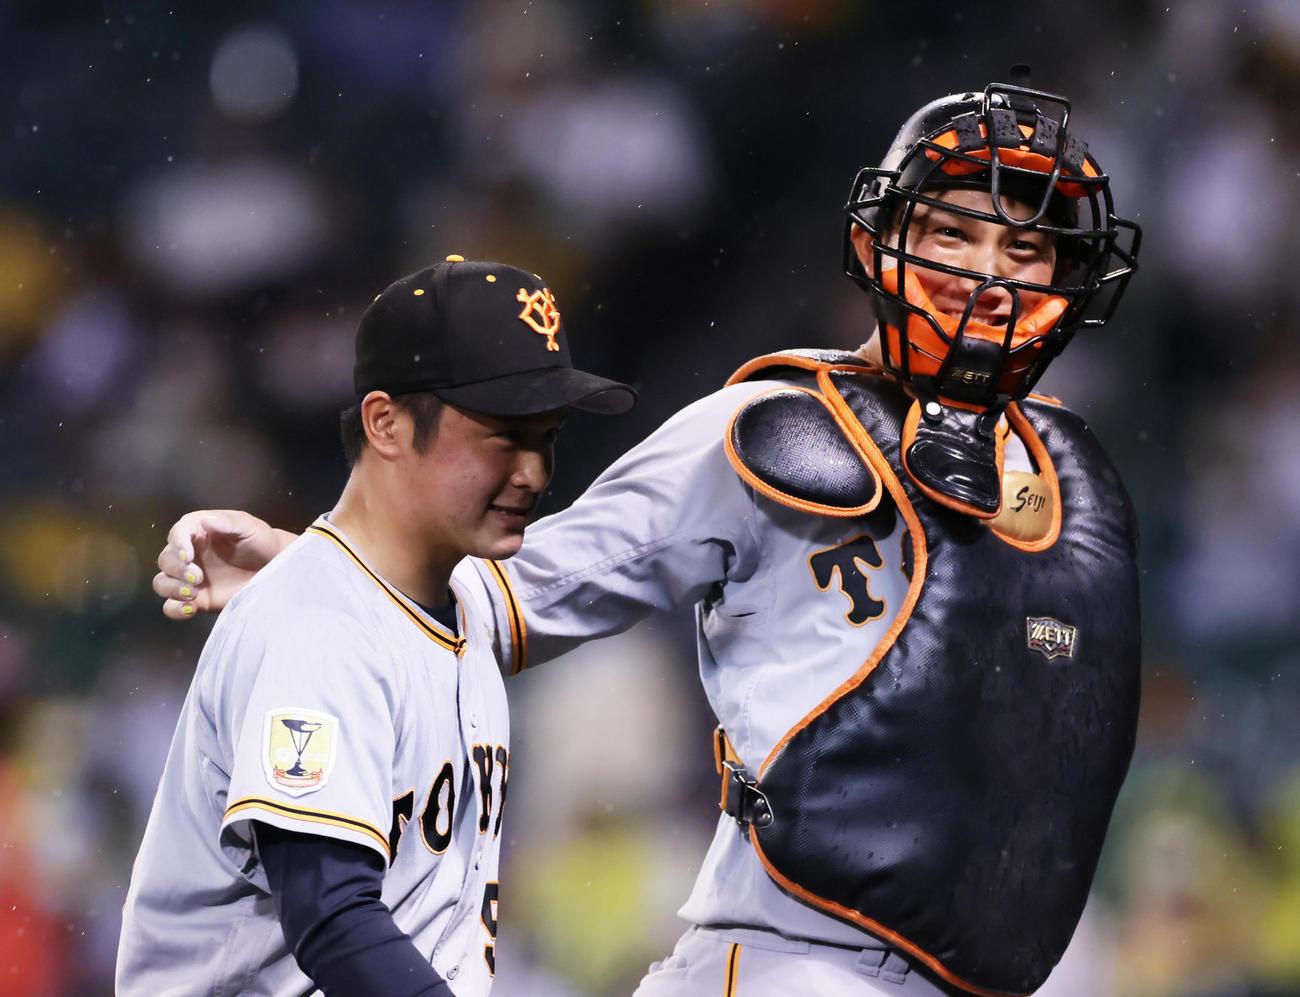 阪神対巨人 8回から登板した巨人戸田(左)の肩を笑顔でたたく小林(撮影・足立雅史)